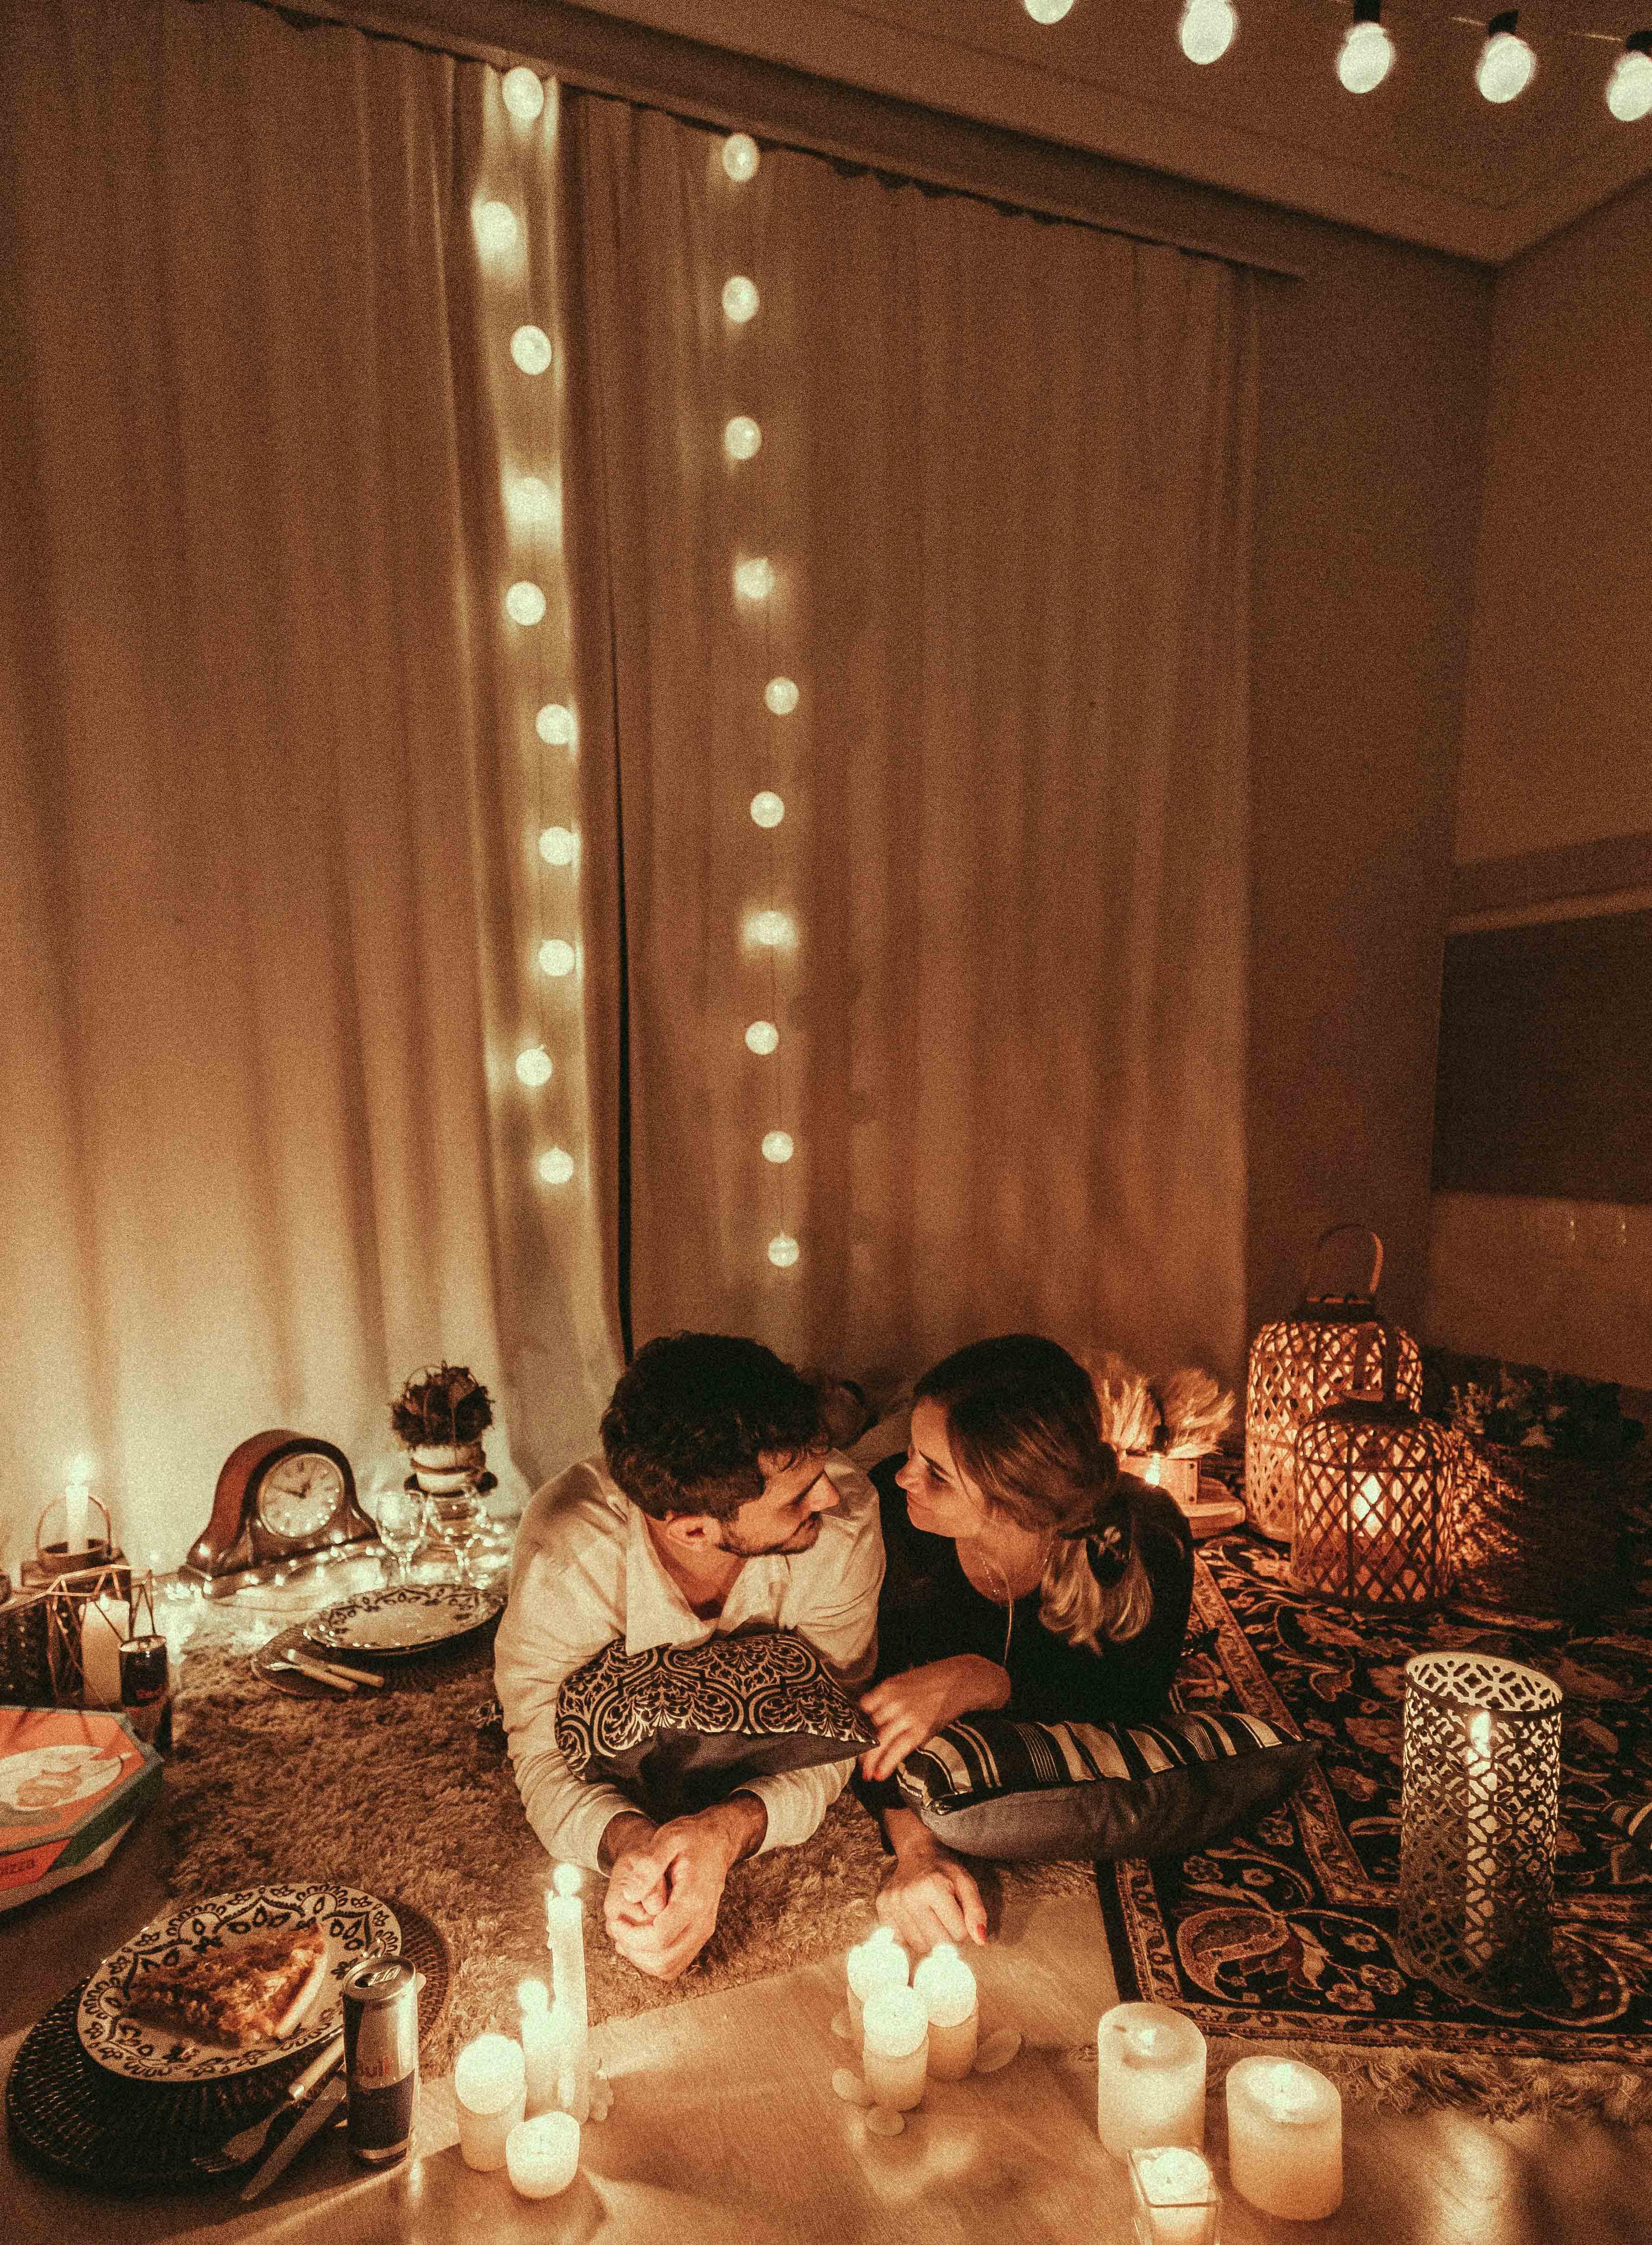 buổi tối lãng mạn